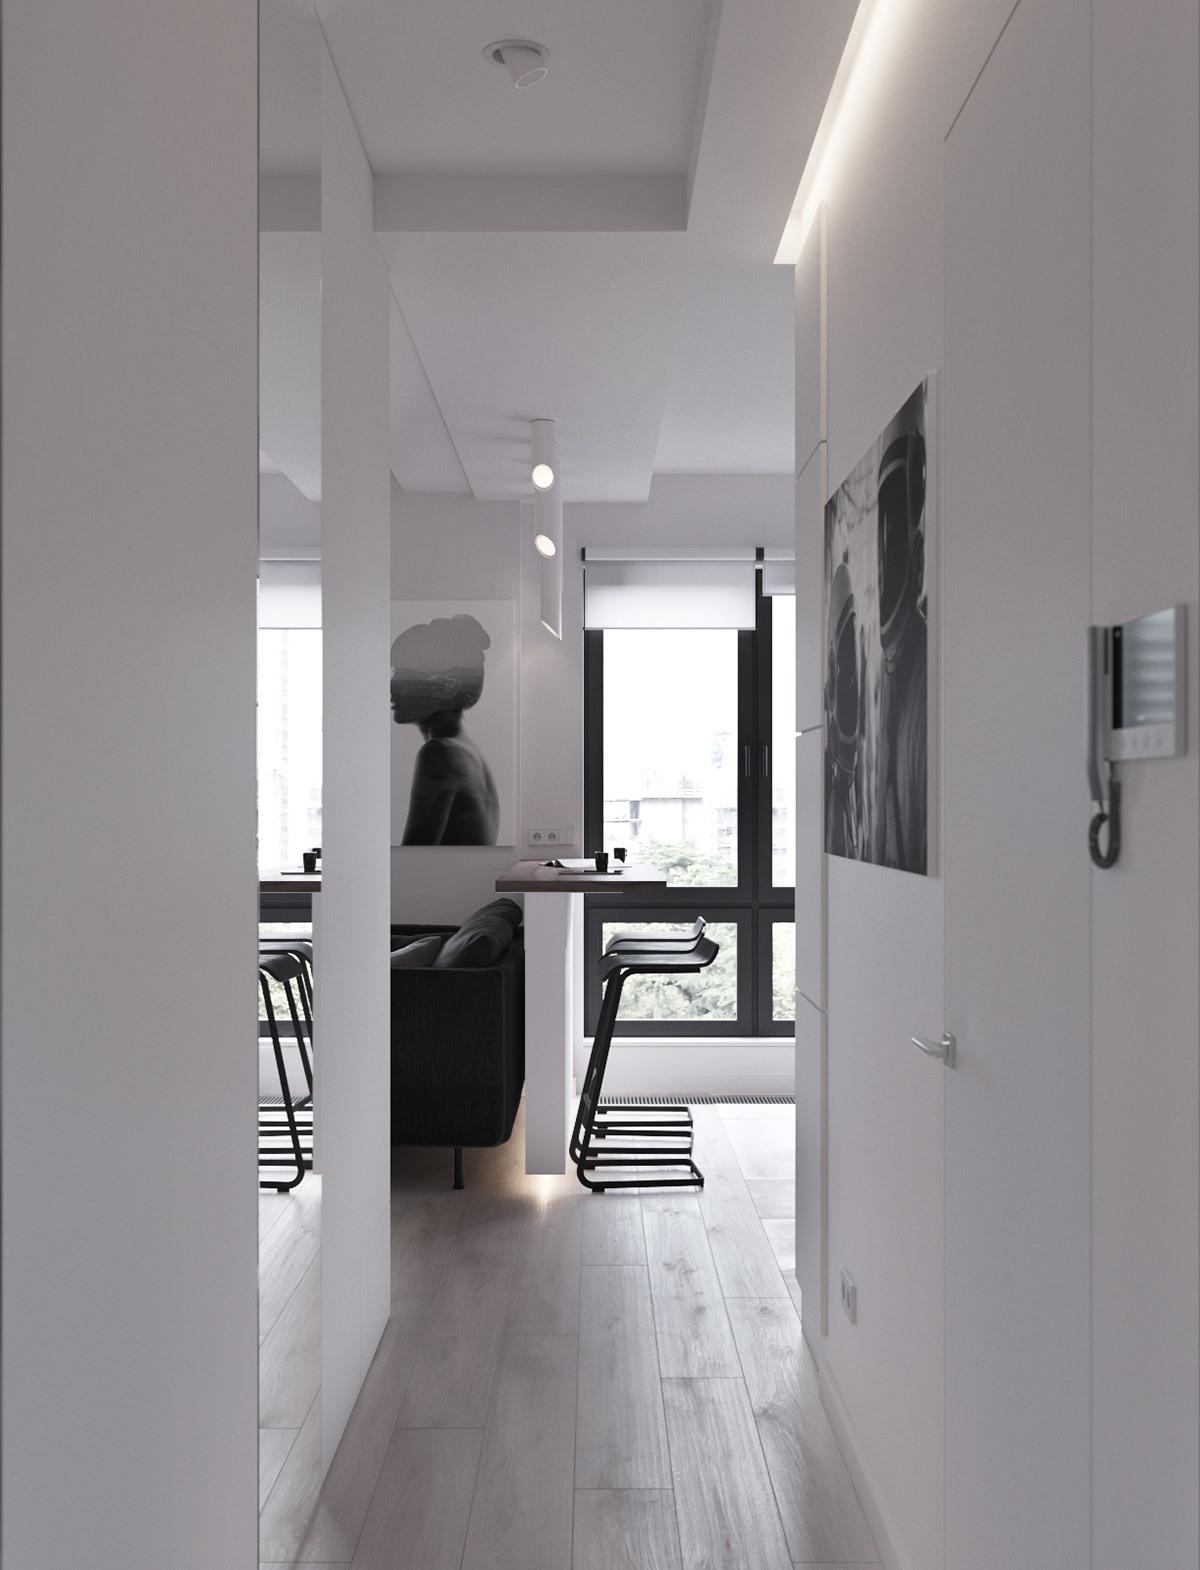 Thích mê 3 căn hộ hiện đại với diện tích khiêm tốn dưới 50m2 - Ảnh 16.